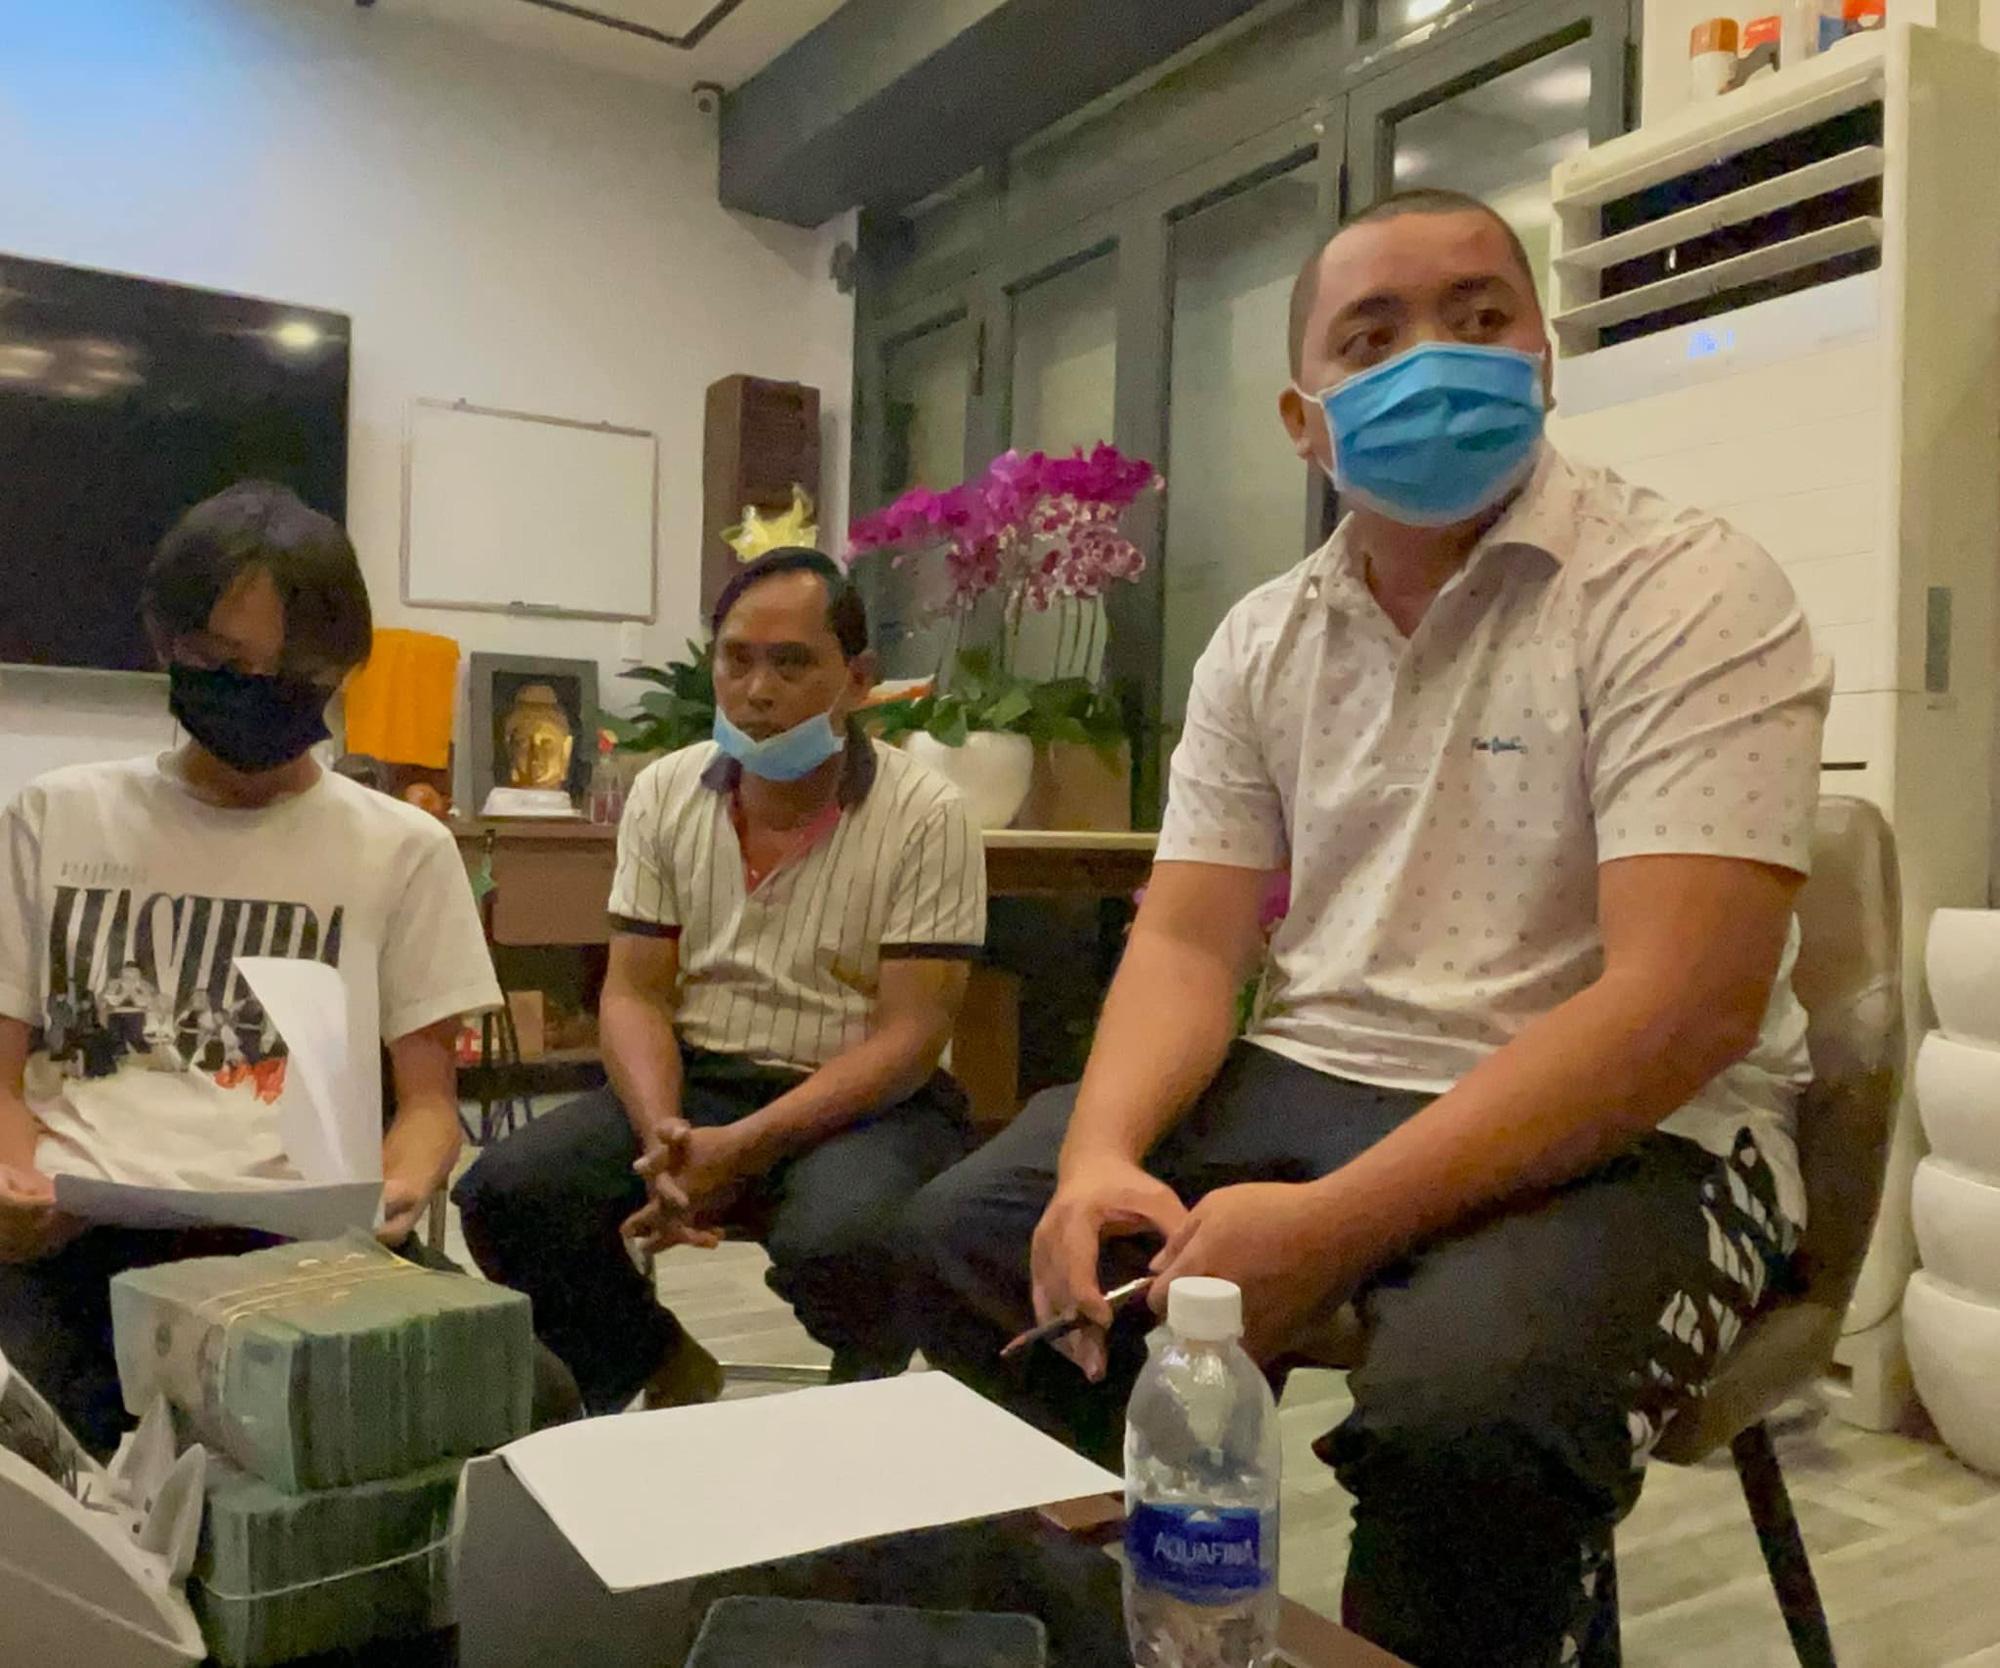 Quản lý Phi Nhung trả tiền và tặng thêm 500 triệu đồng cho Hồ Văn Cường - Ảnh 1.